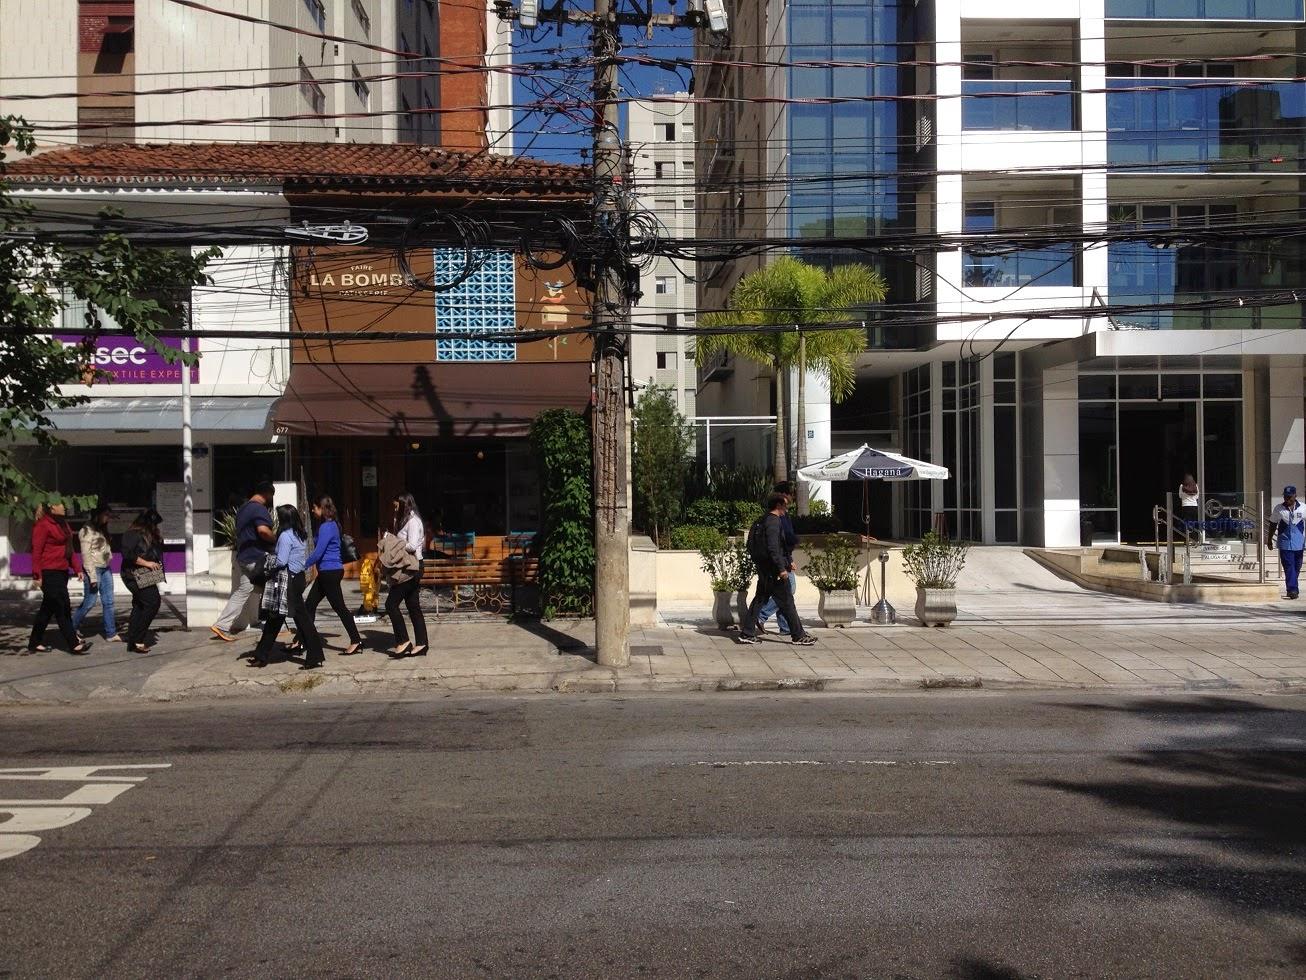 O Itaim Bibi, em São Paulo, é agradável para transitar a pé graças às pequenas casas que sobraram junto à calçada. Prédios novos são afastados do pedestre e tem térreos vazios, quando não cercados.